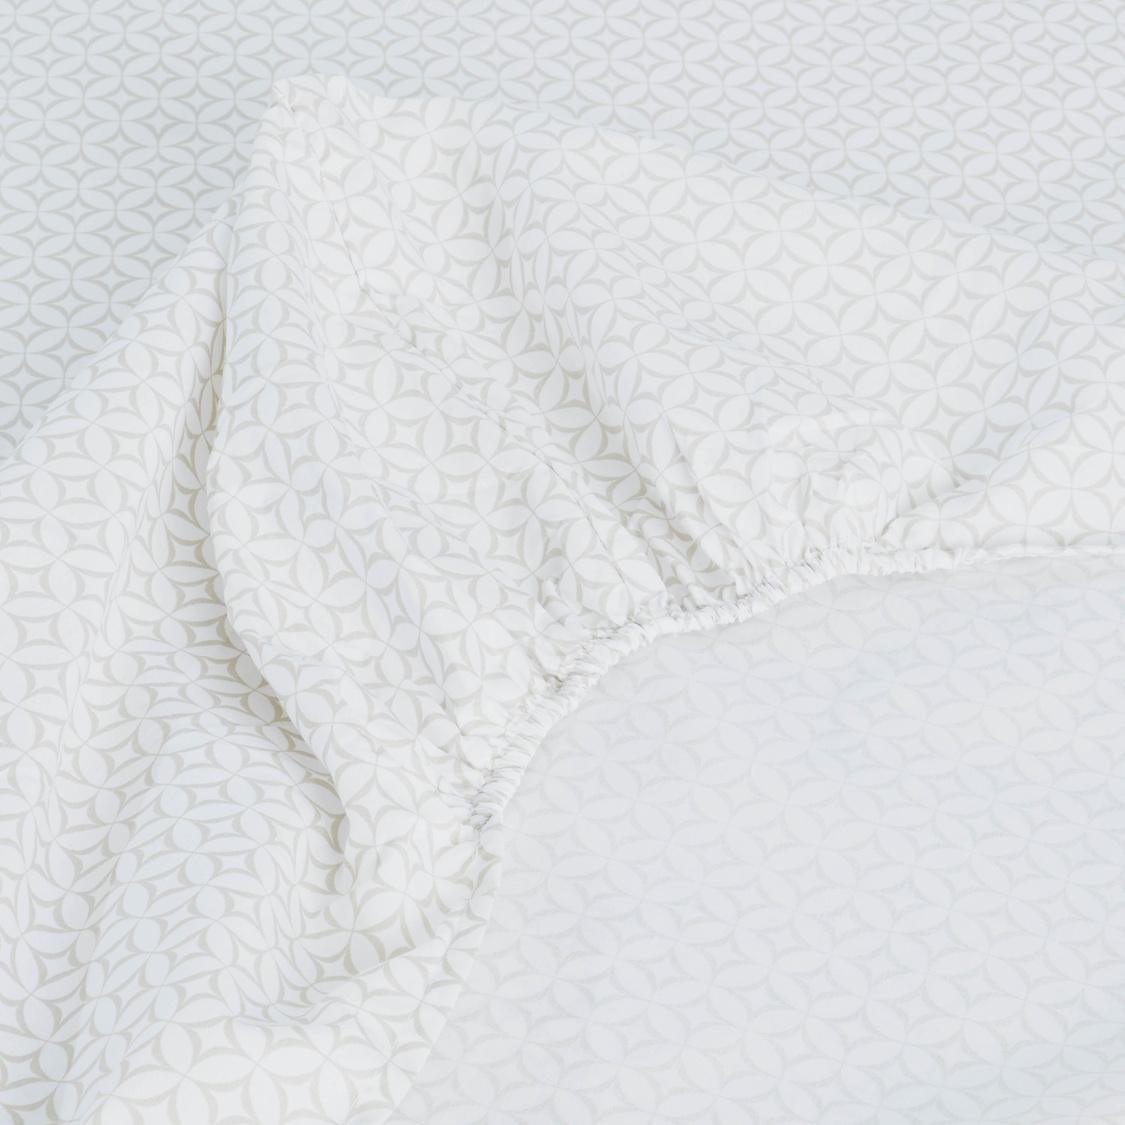 طقم مفروشات سرير 3 قطع بطبعات - 200x150 سم